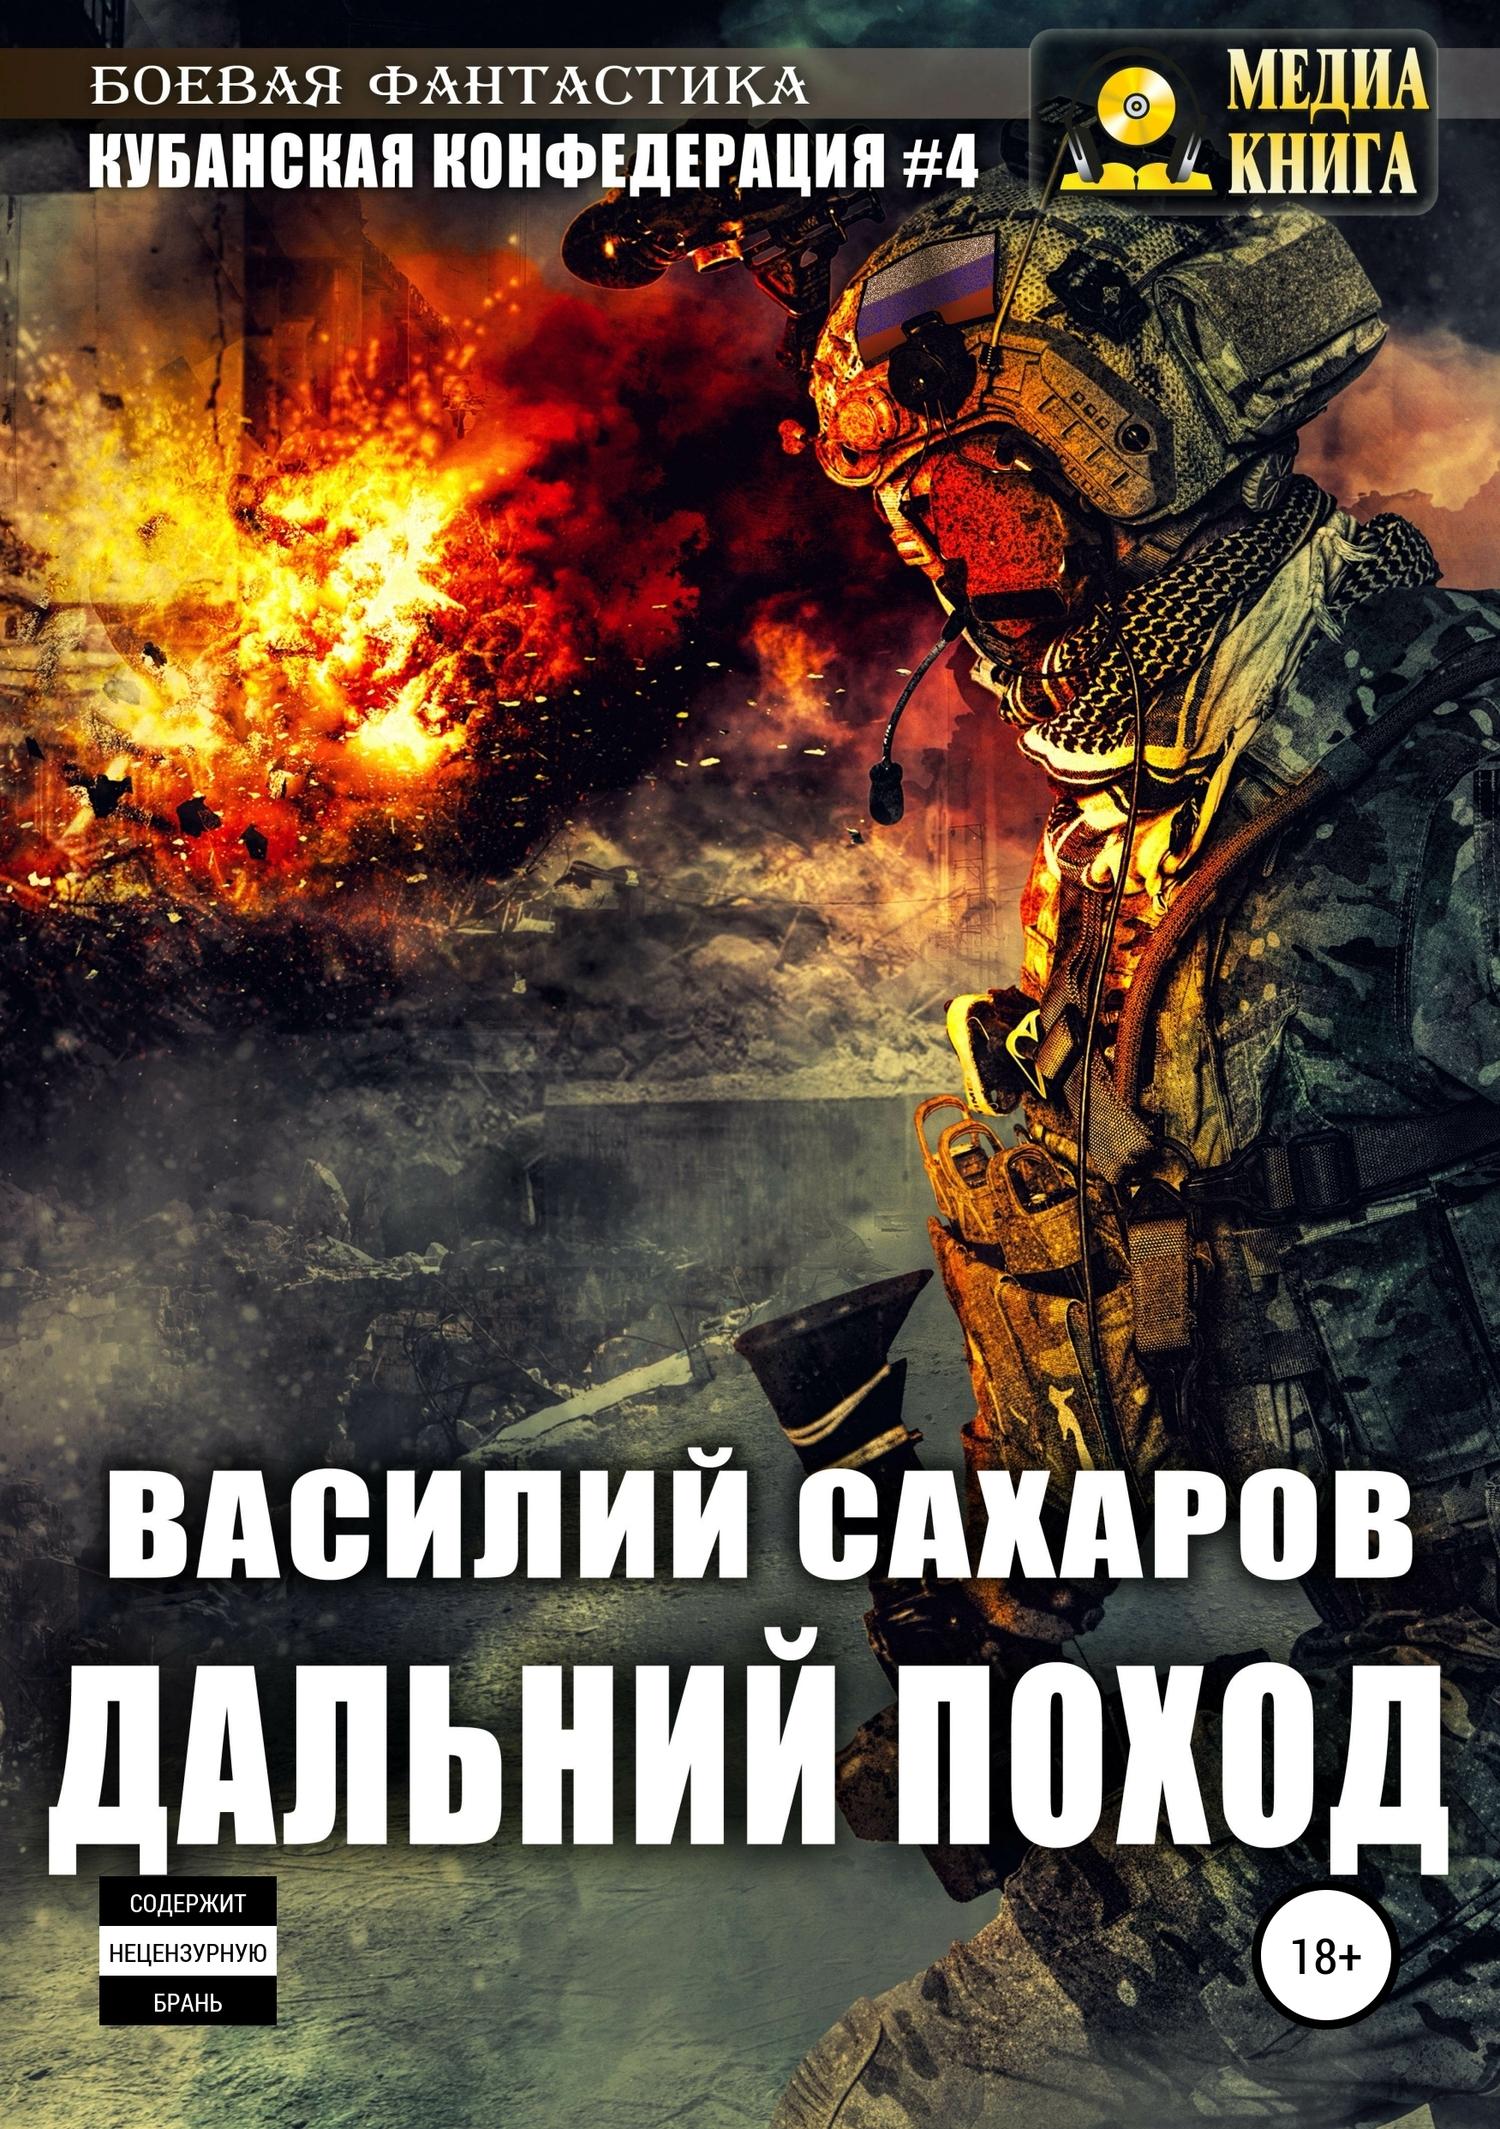 Василий Сахаров - Кубанская Конфедерация 4. Дальний поход